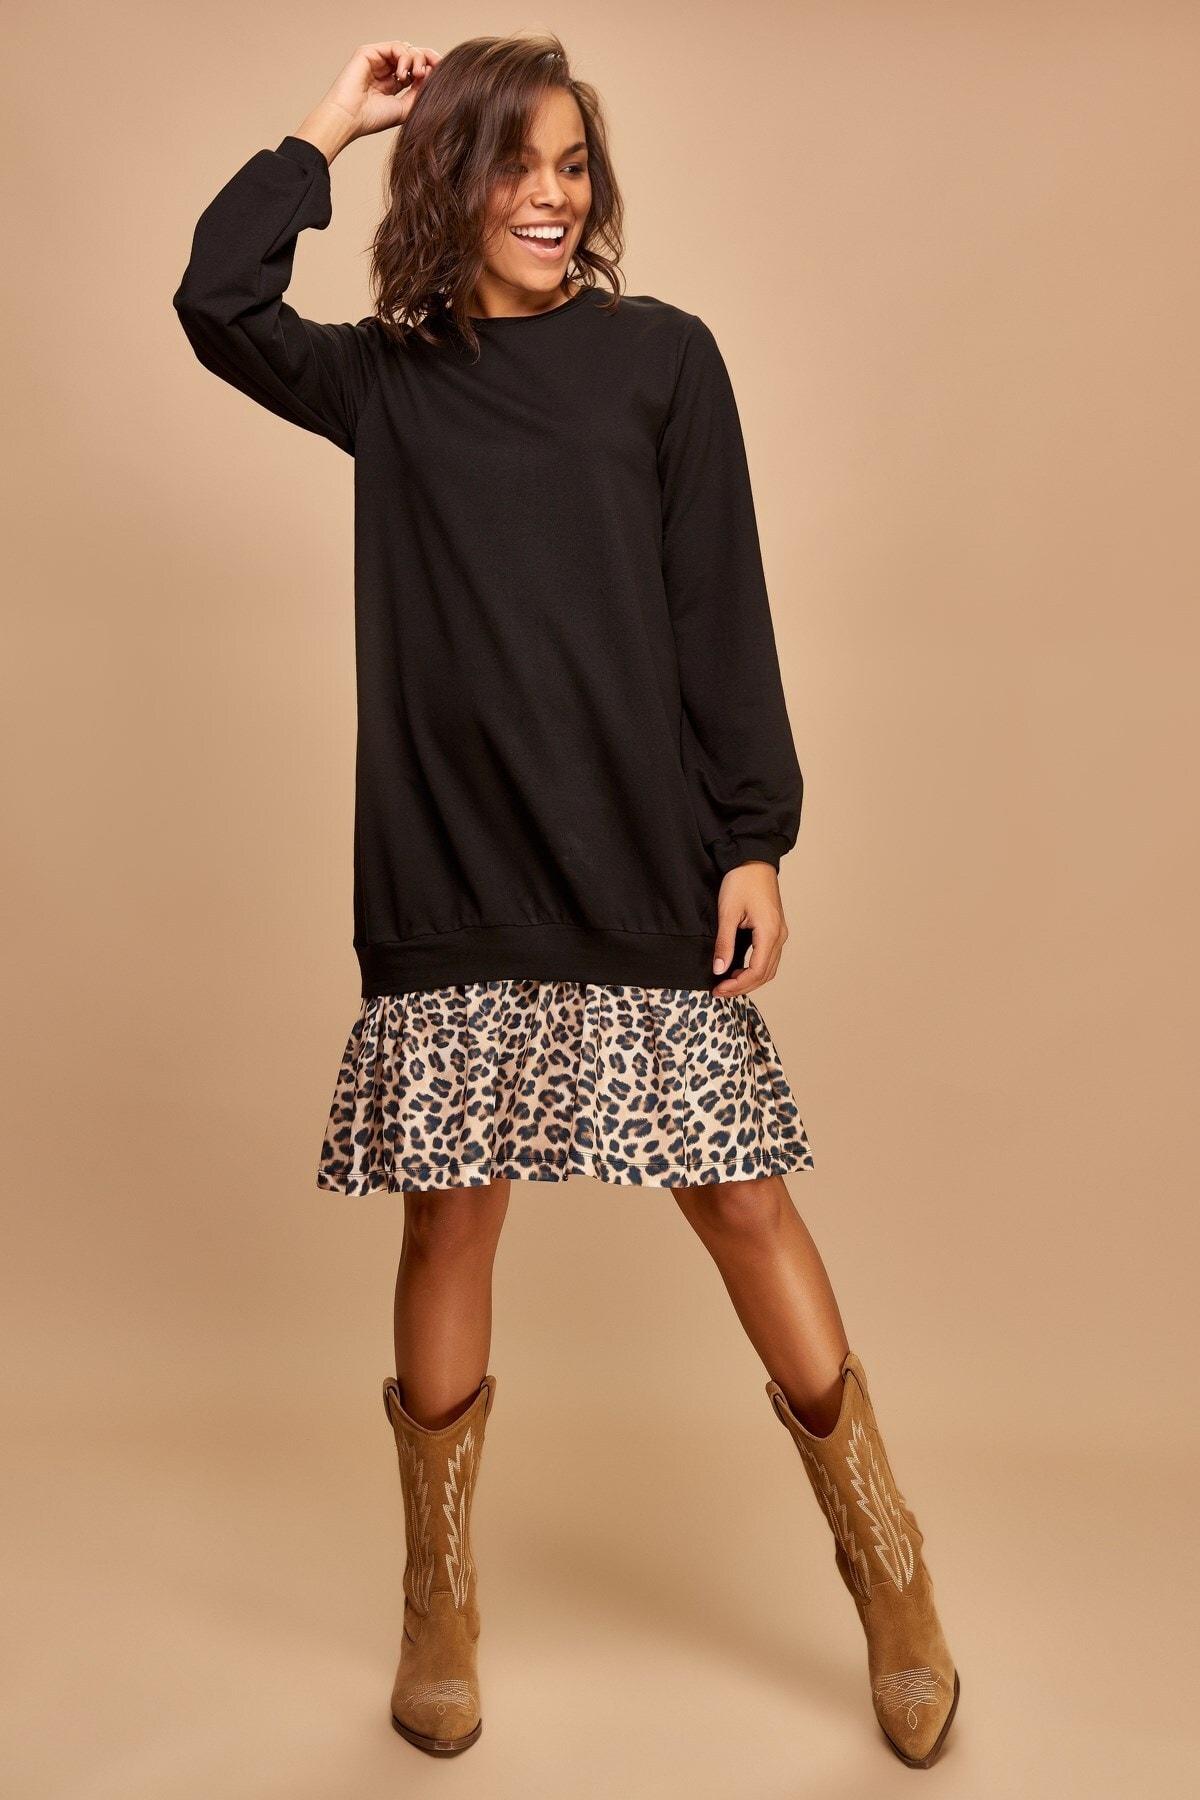 Boutiquen Kadın Siyah Altı Leopar Detaylı Sweat Elbise 2195